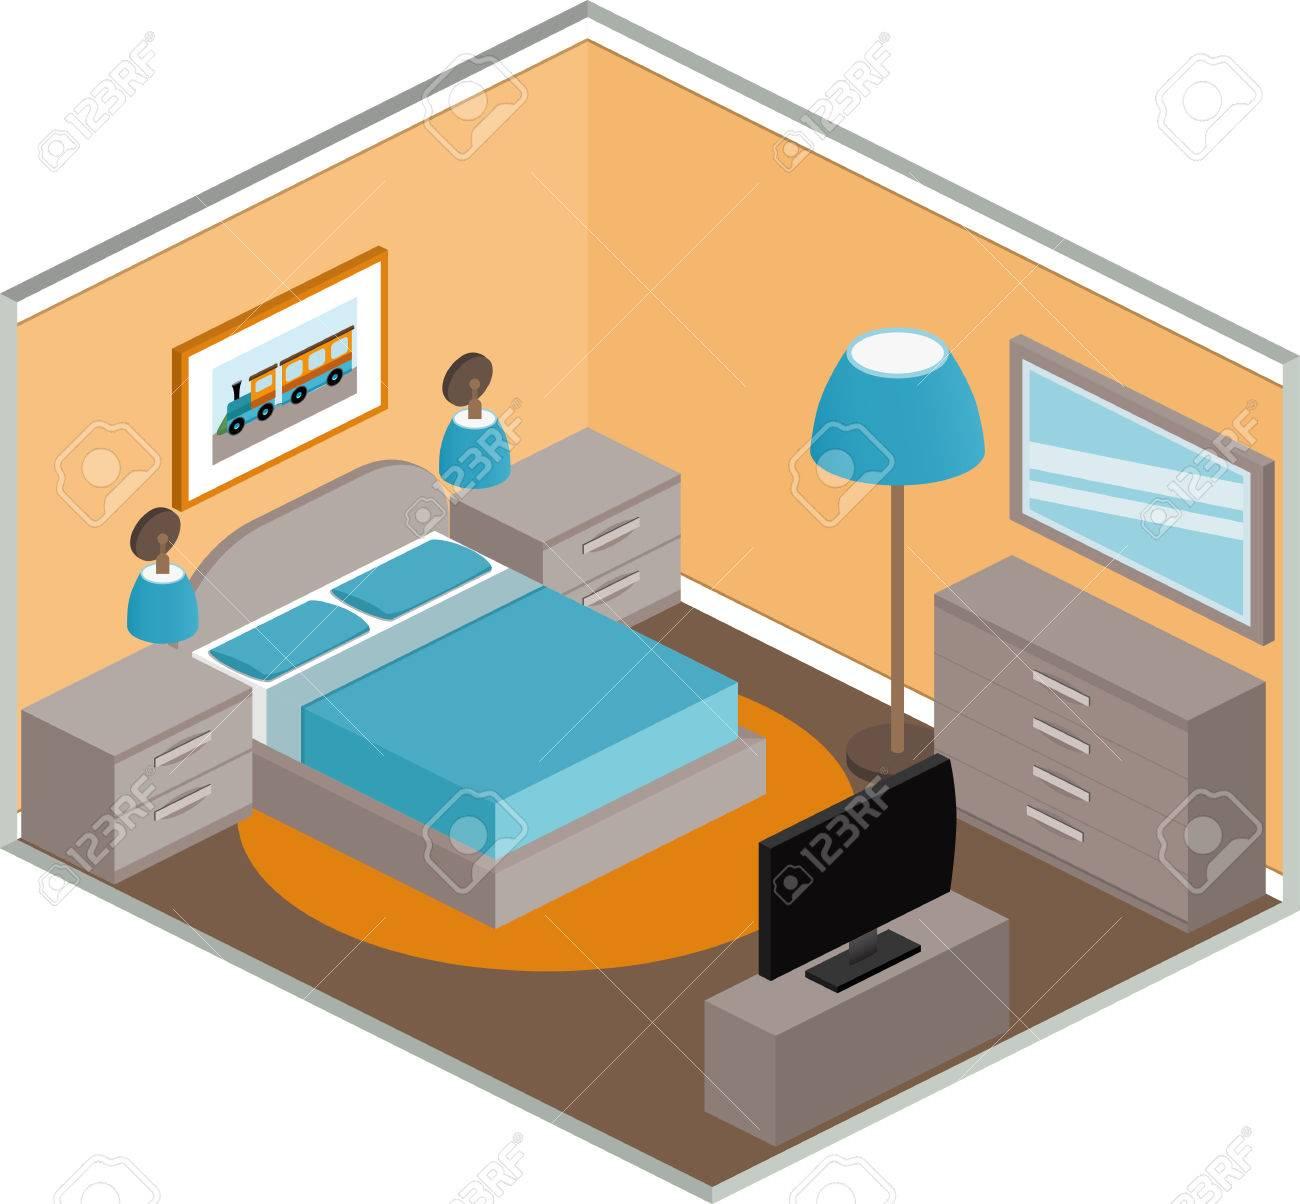 Modernes Schlafzimmer Design Mit Möbeln. Interior In Kubisch-Stil ...